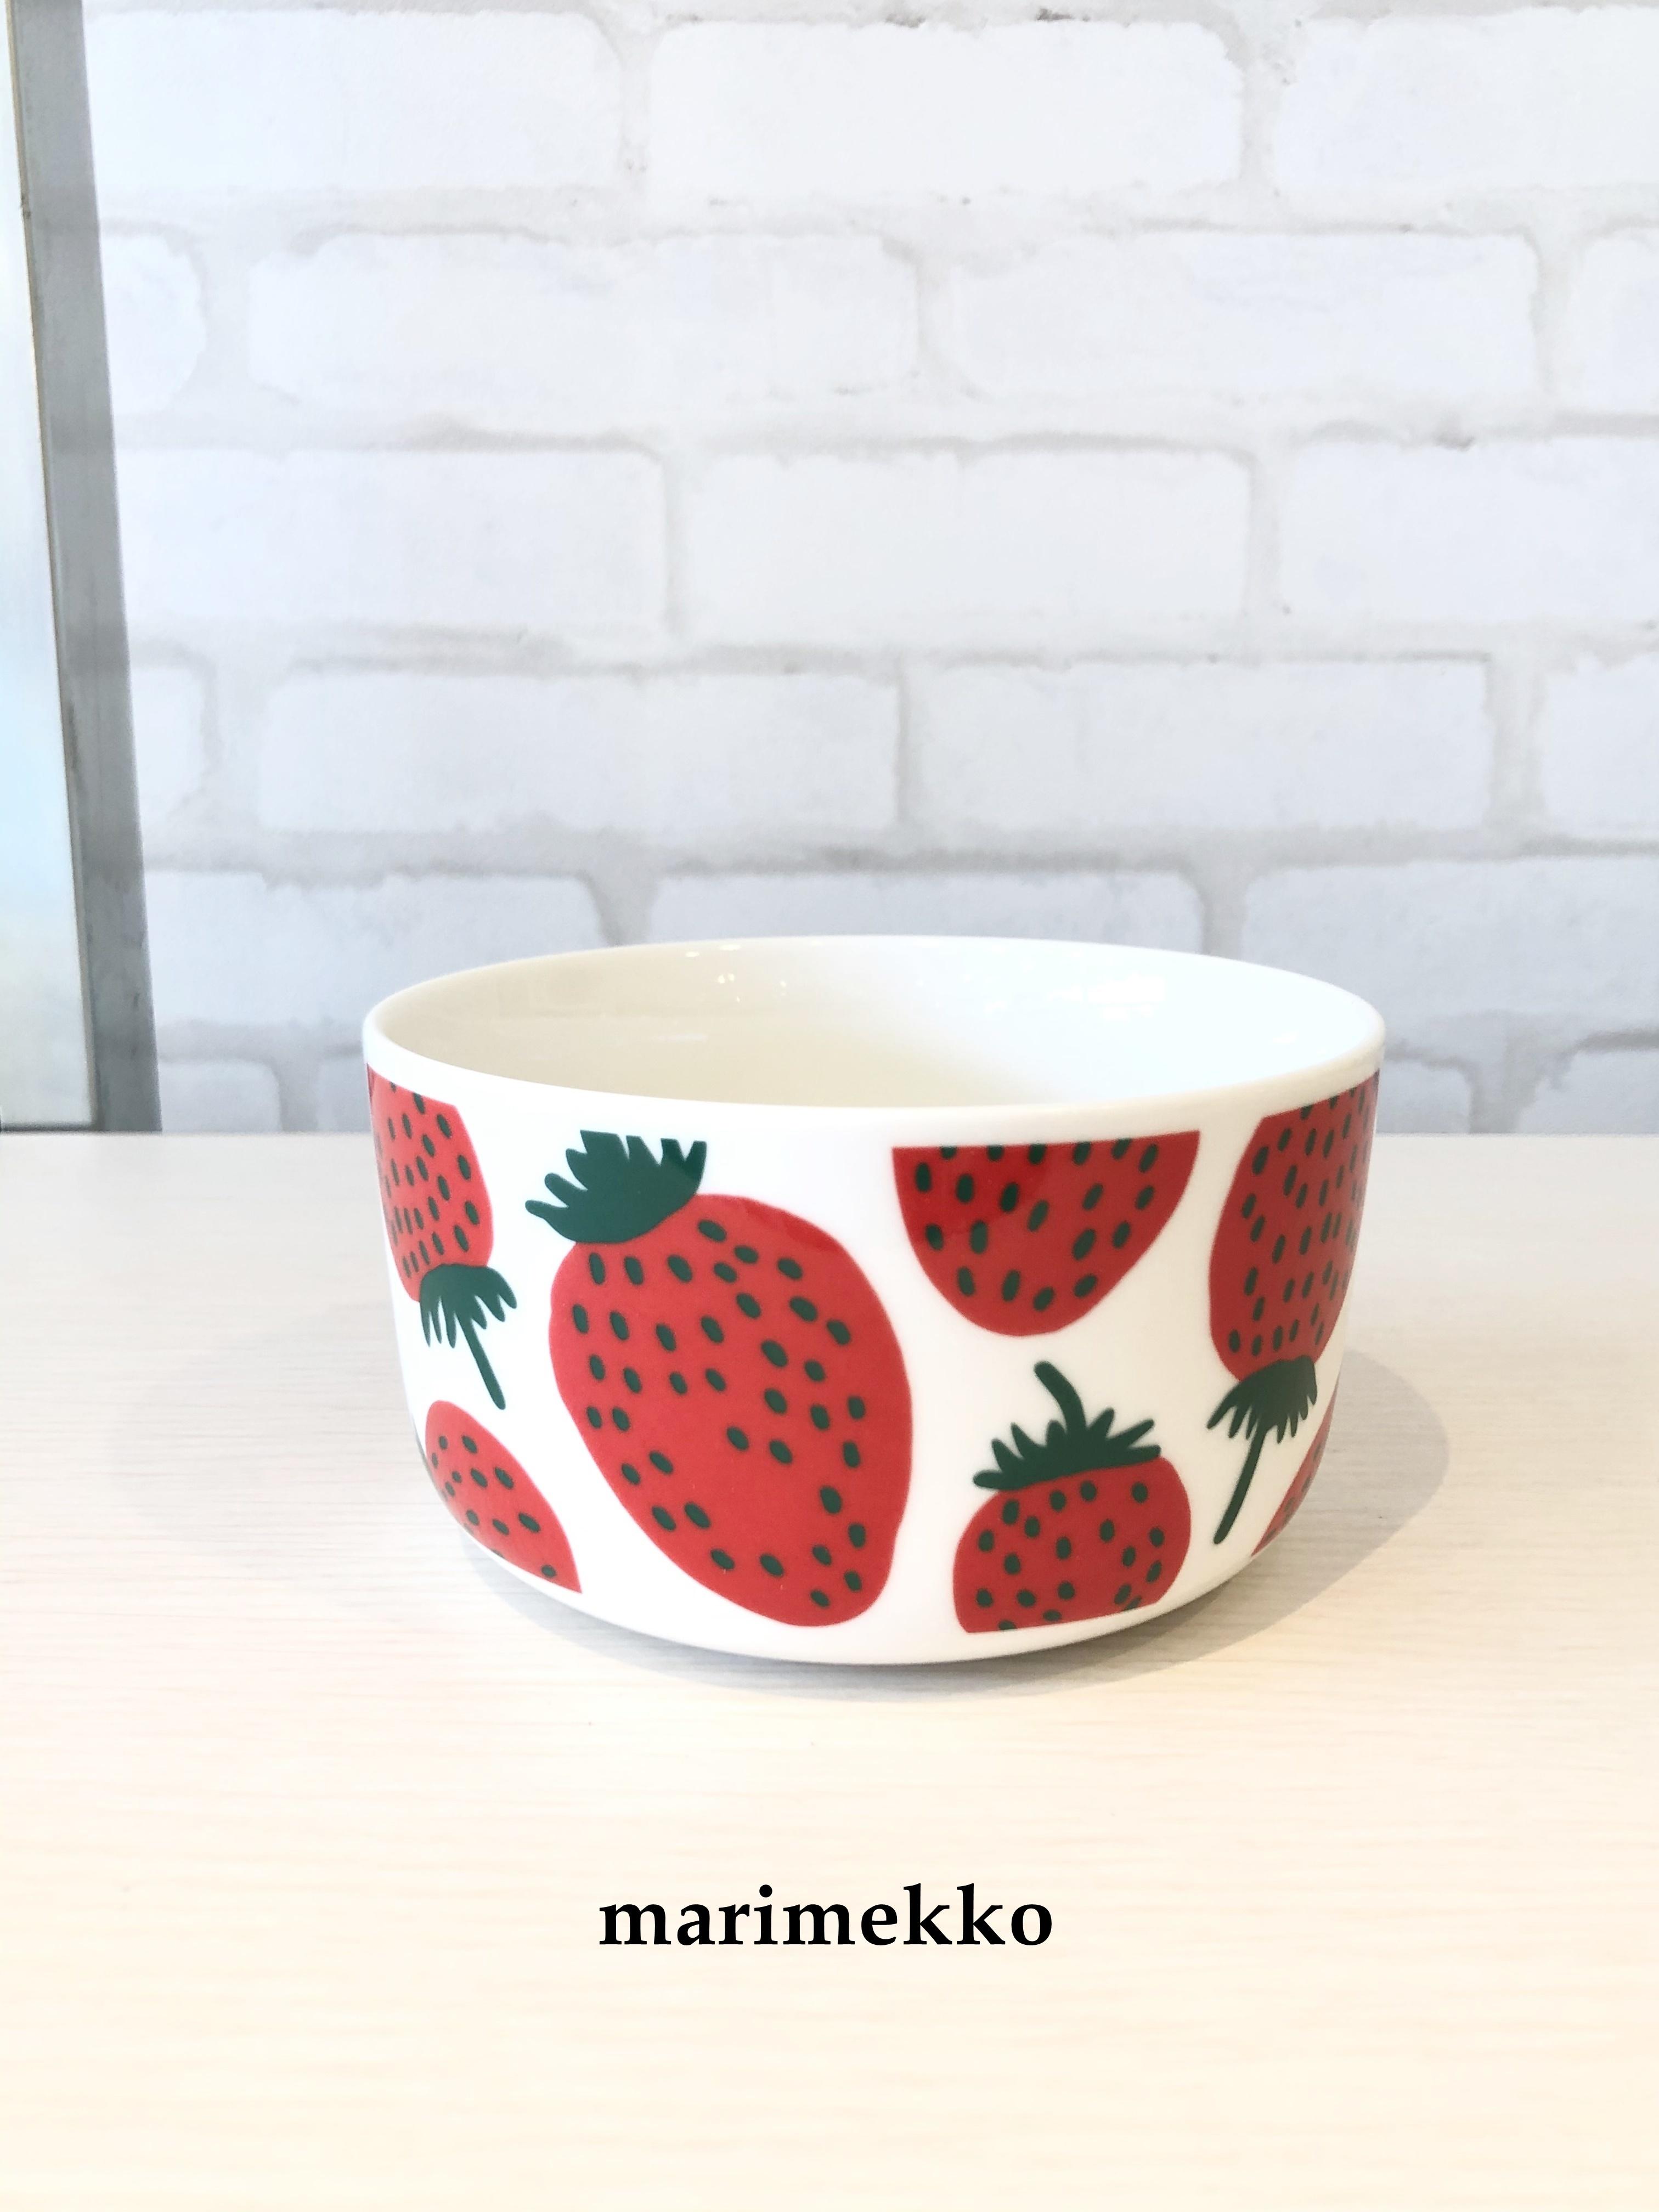 marimekko (マリメッコ)/ ボウル5DL/mansikka(マンシッカ苺)/70483